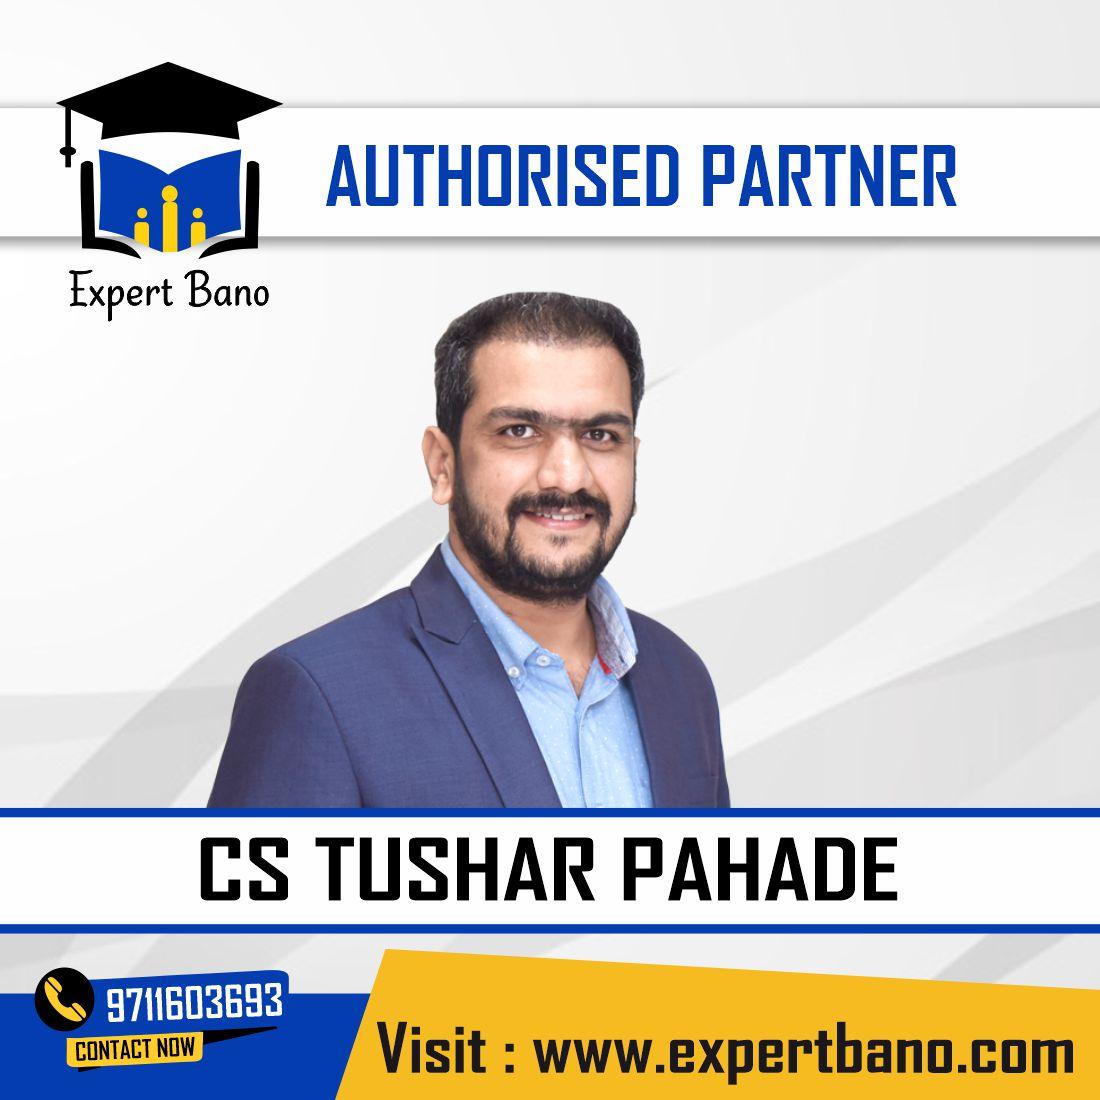 SINGAL TEACHER TUSHAR PAHADE